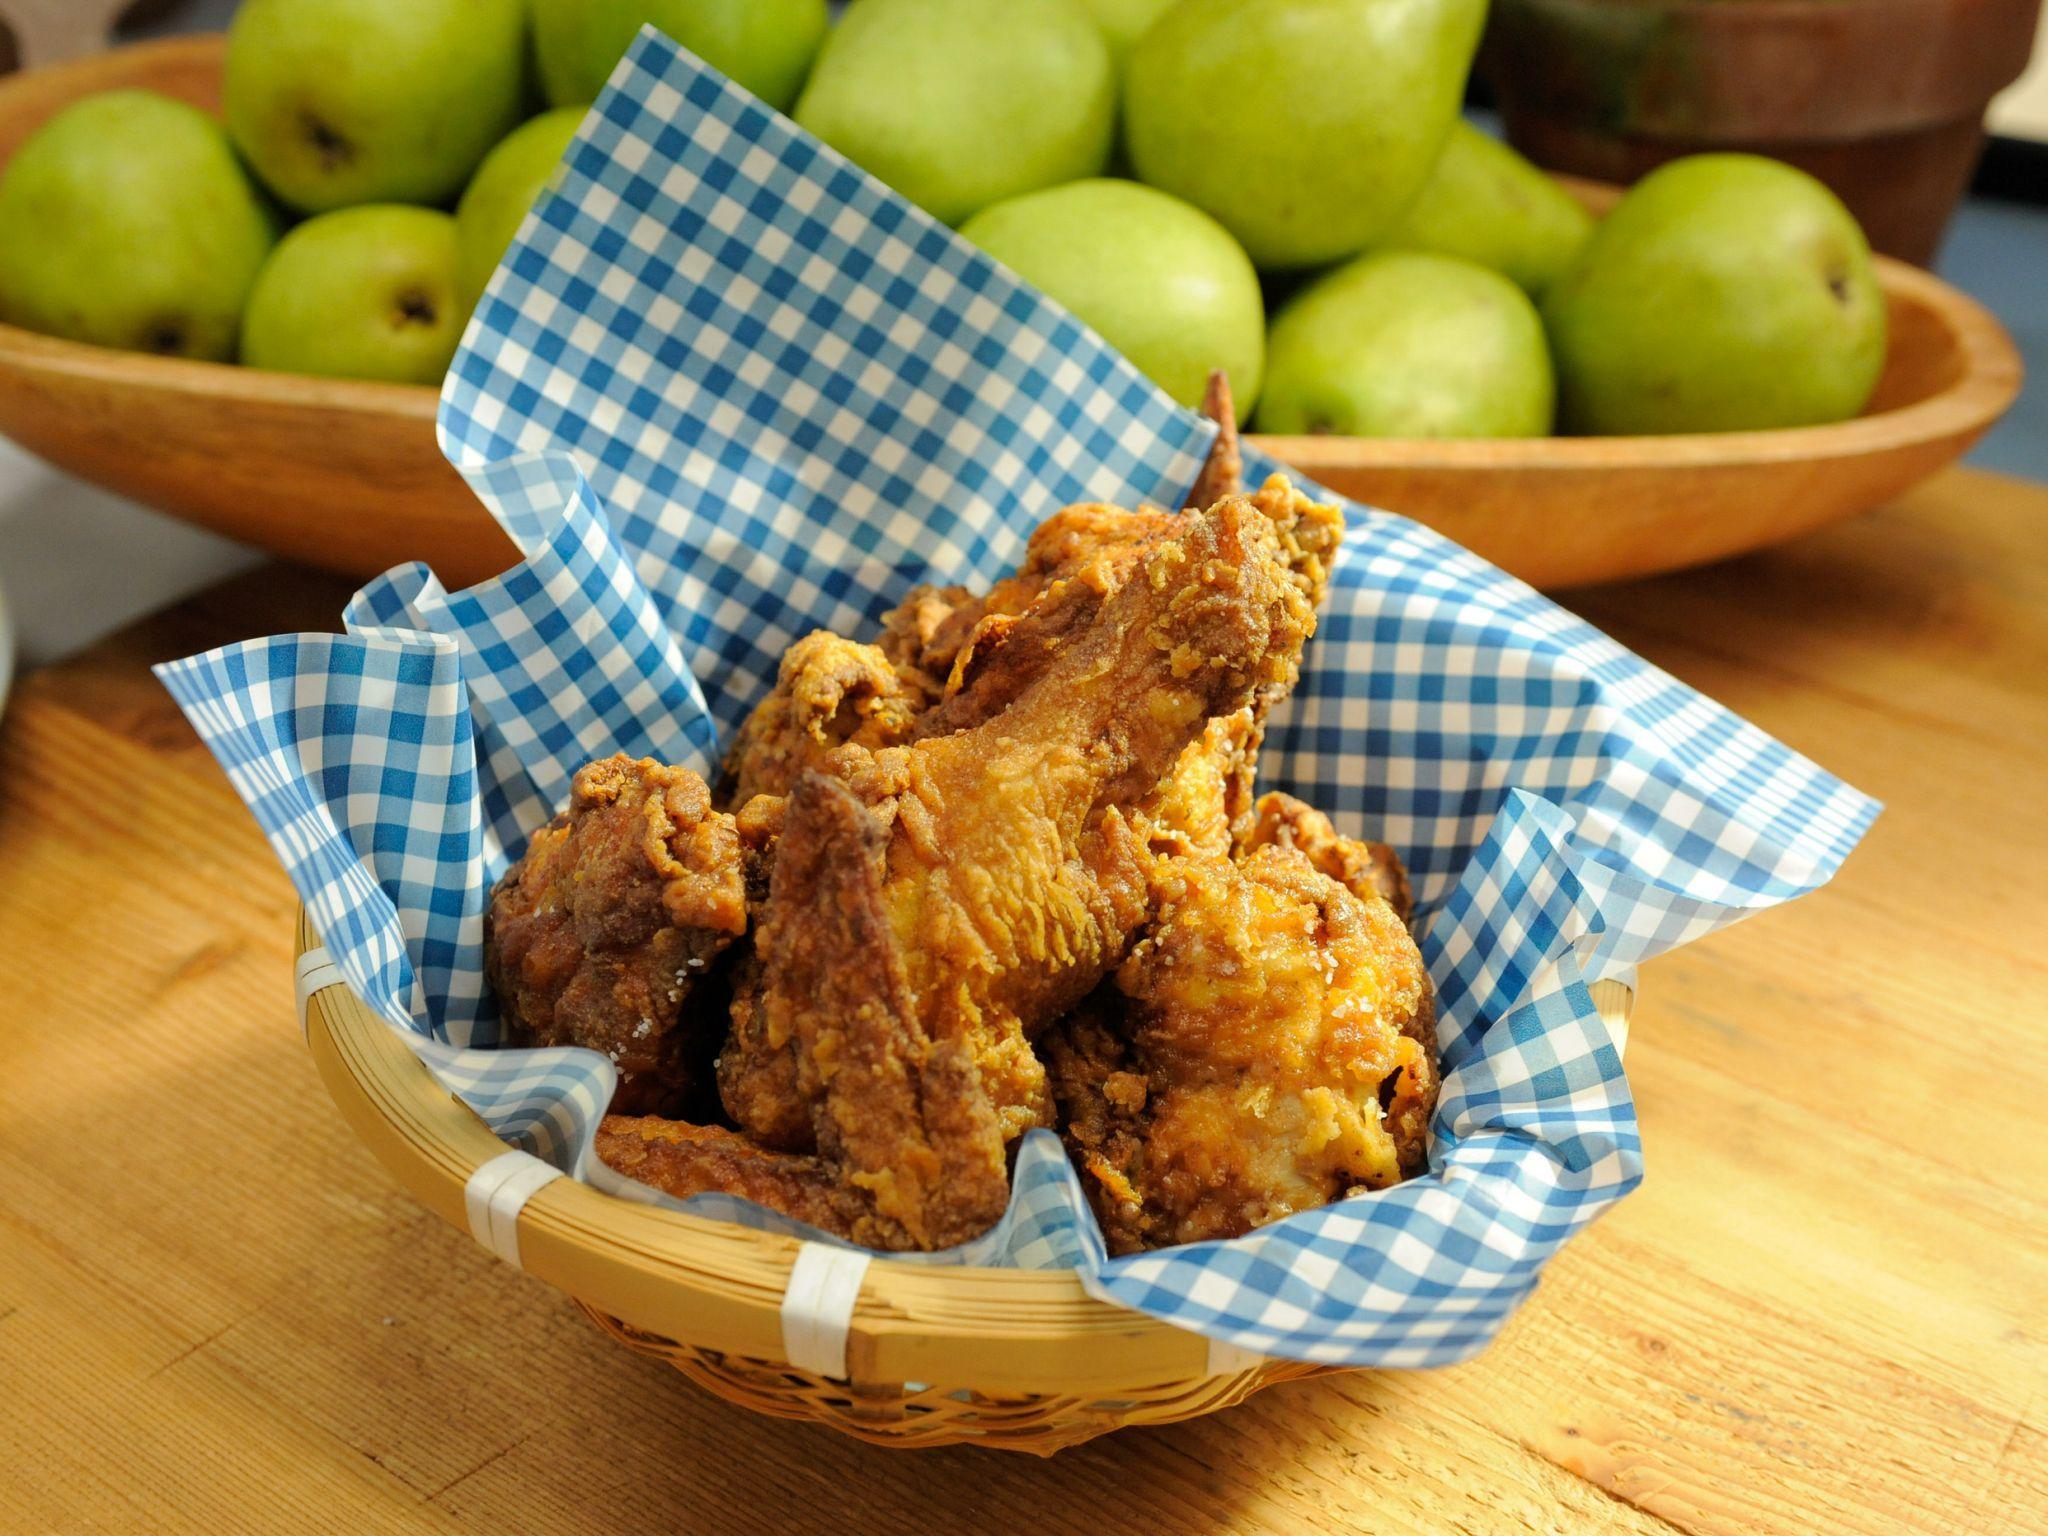 Fried chicken recipe katie lee fried chicken recipes and fried fried chicken recipe katie lee fried chicken recipes and fried chicken forumfinder Gallery